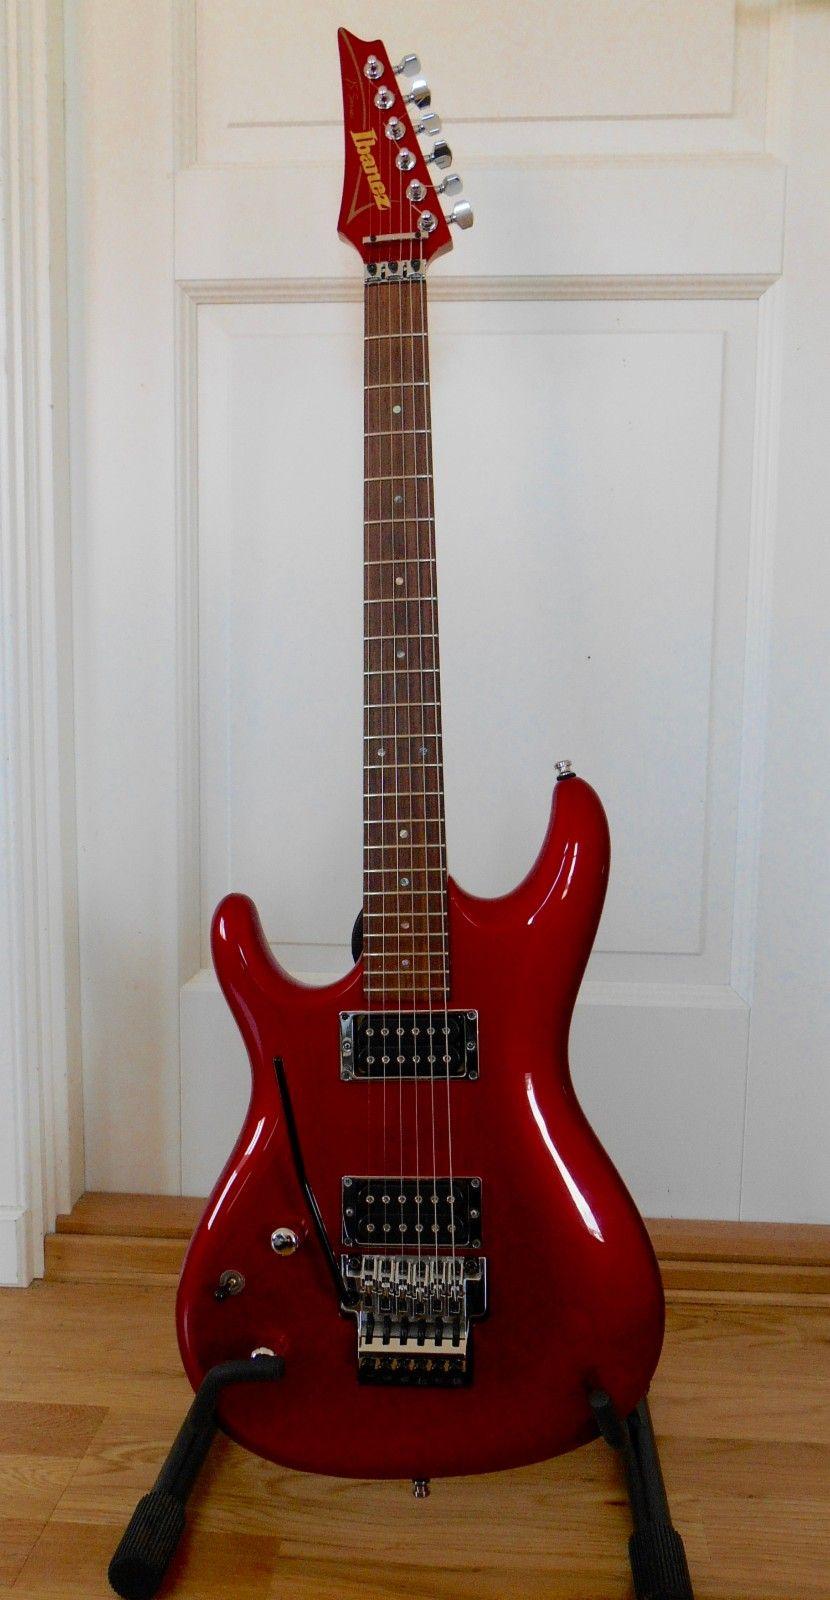 IBANEZ JS1200 Lefty - Laksevåg  - IBANEZ JS1200 lefty selges  Dette er en leftyversjon av Joe Satriani sin signaturmodell. Det finnes masse info om denne på nettet. Gitaren er strøken, med unntak at et lite chip på baksiden av nedre horn (se bildet) &#10 - Laksevåg